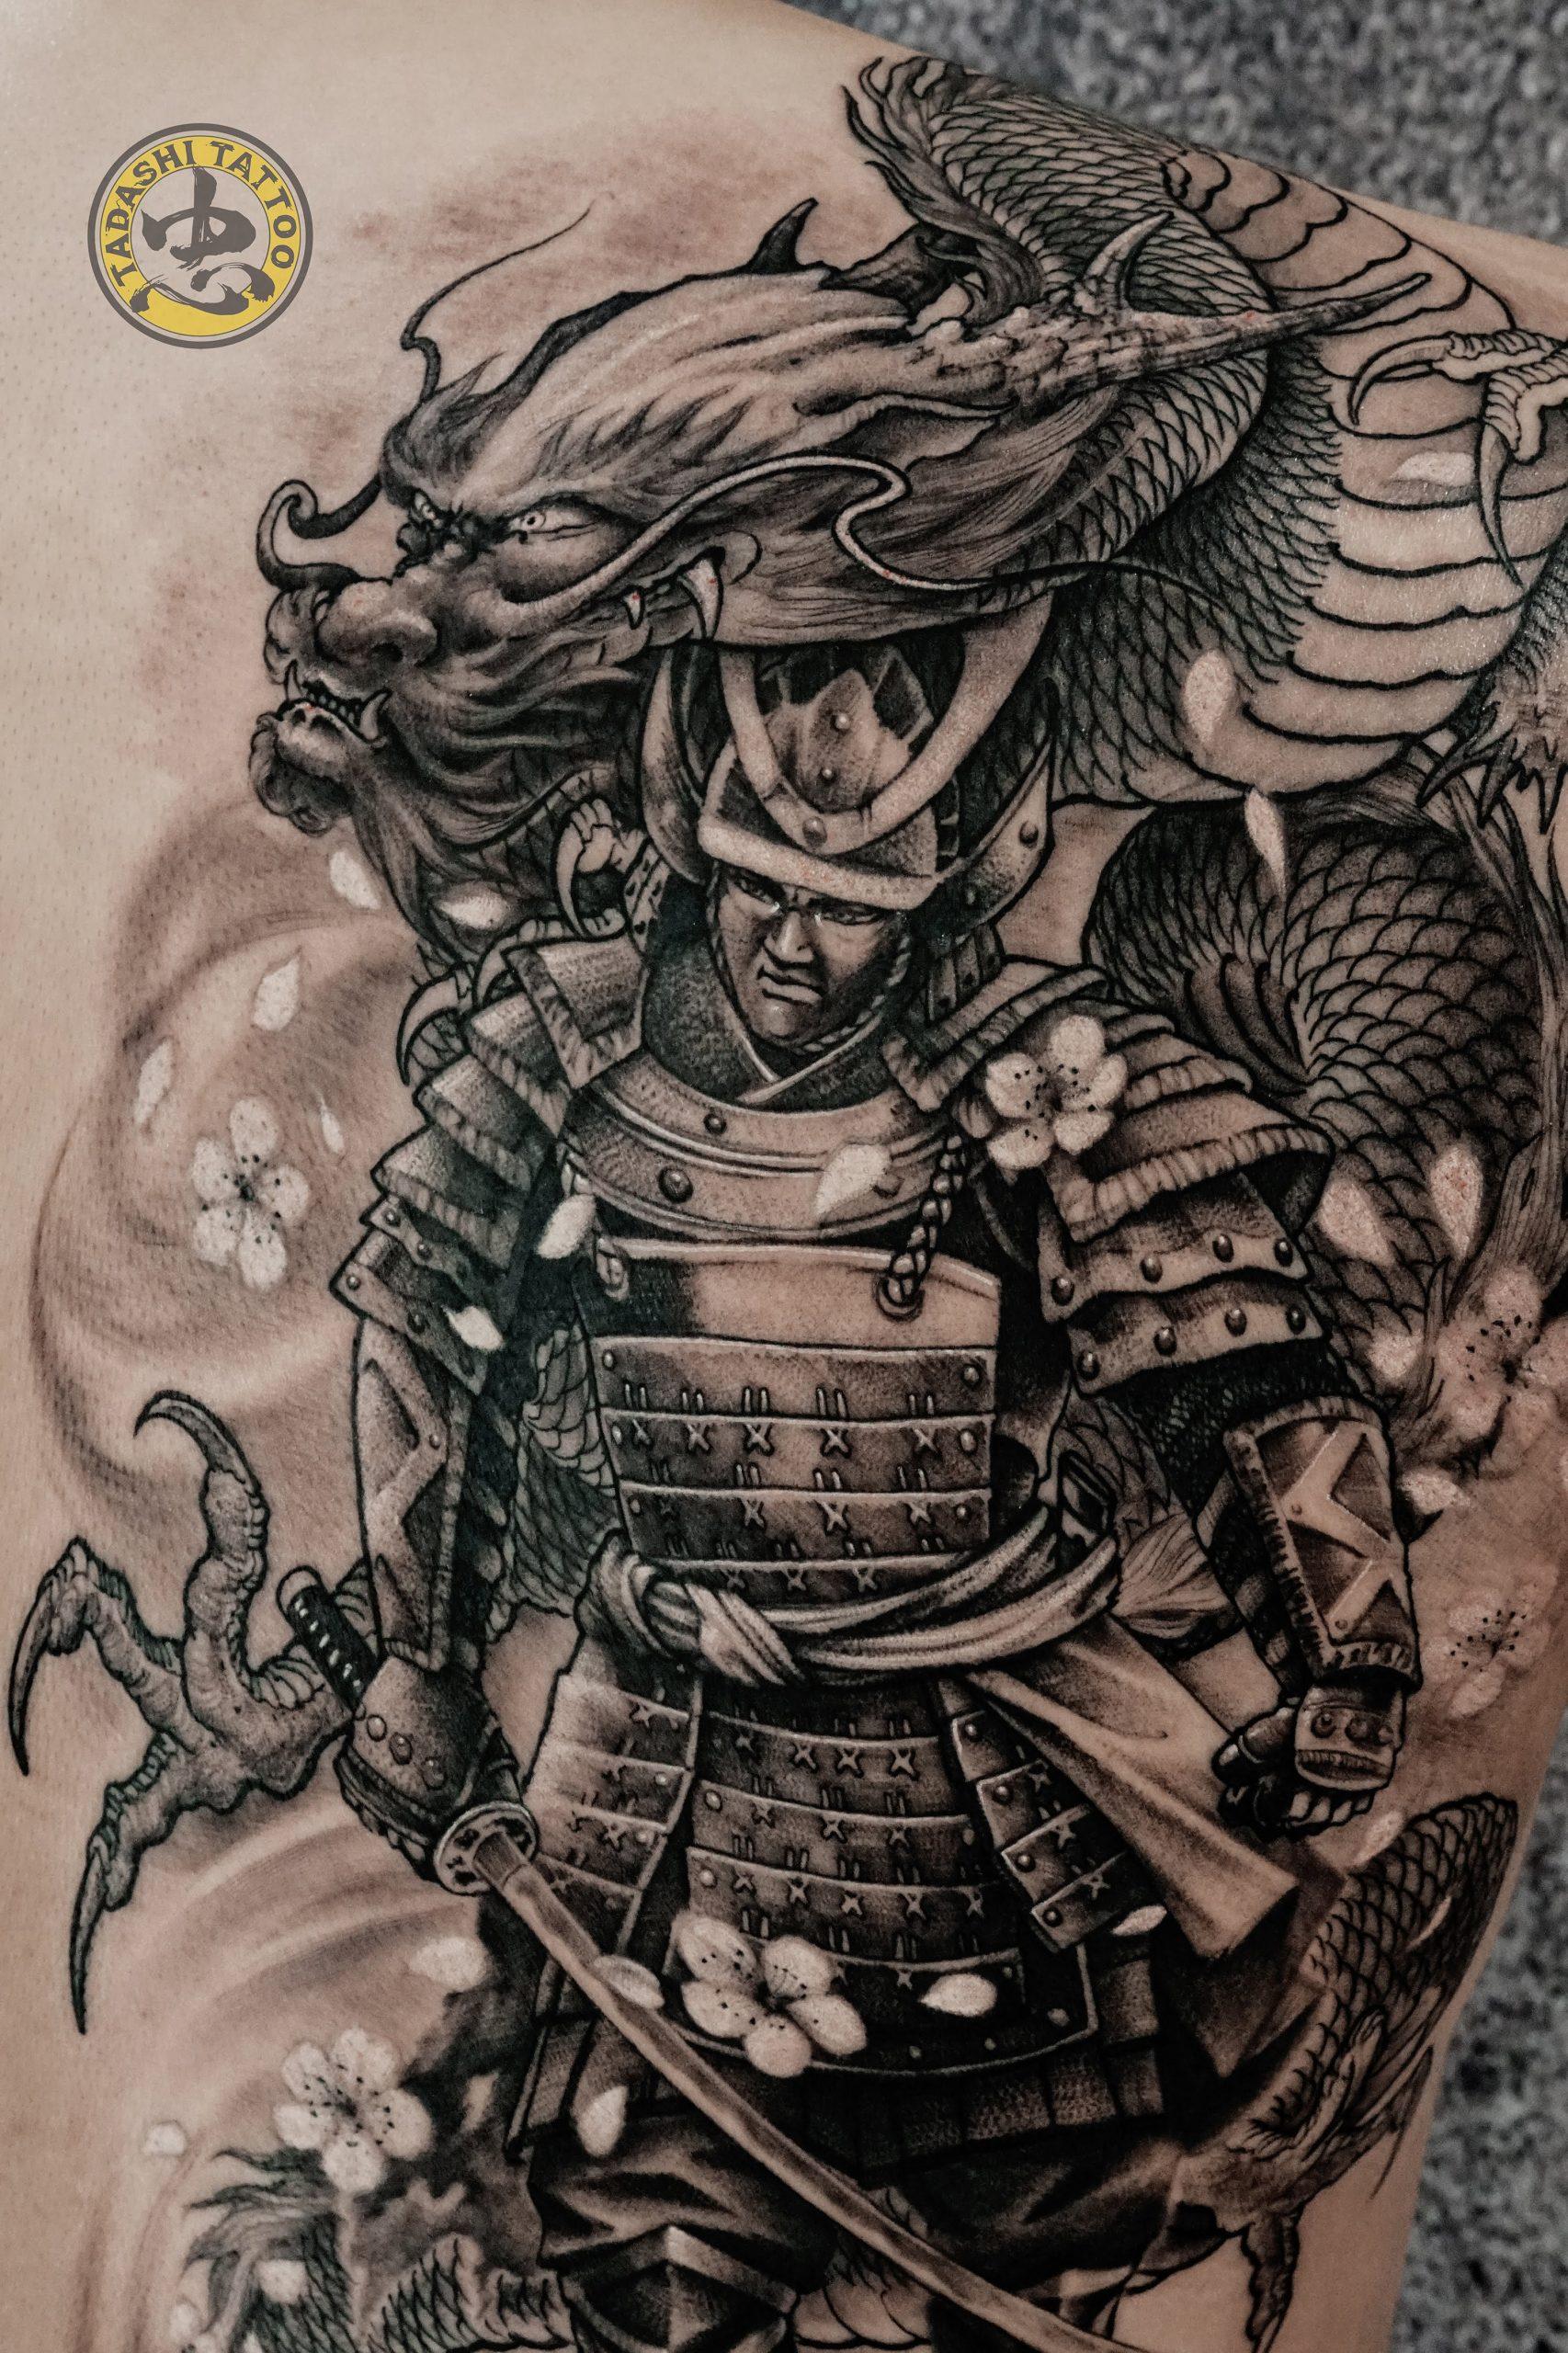 hình xăm võ sĩ đạo samurai cùng rồng lửa cực kì độc đáo và chất cho nam giới sinh năm 1986